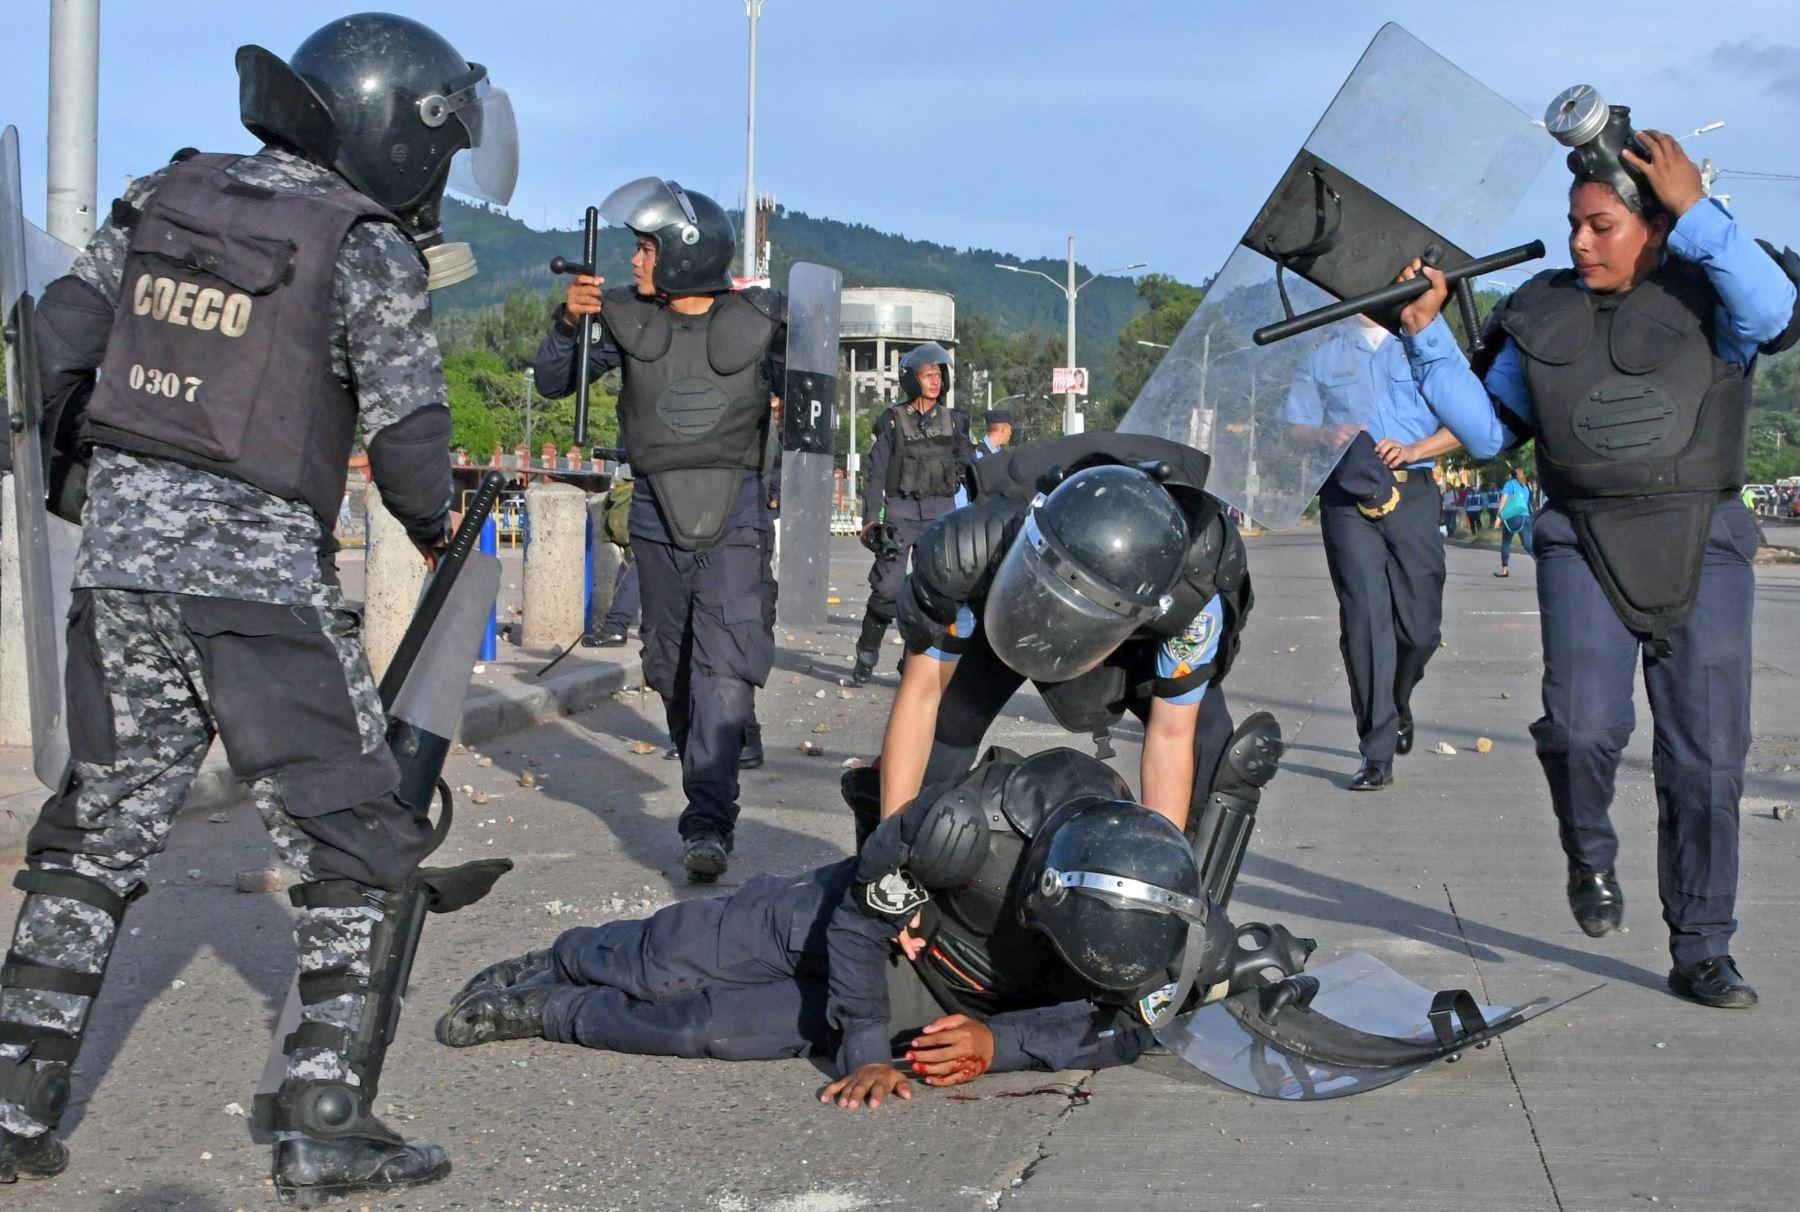 Un agente de seguridad es ayudado por sus colegas luego de ser herido durante los enfrentamientos con estudiantes en Honduras. Foto: AFP